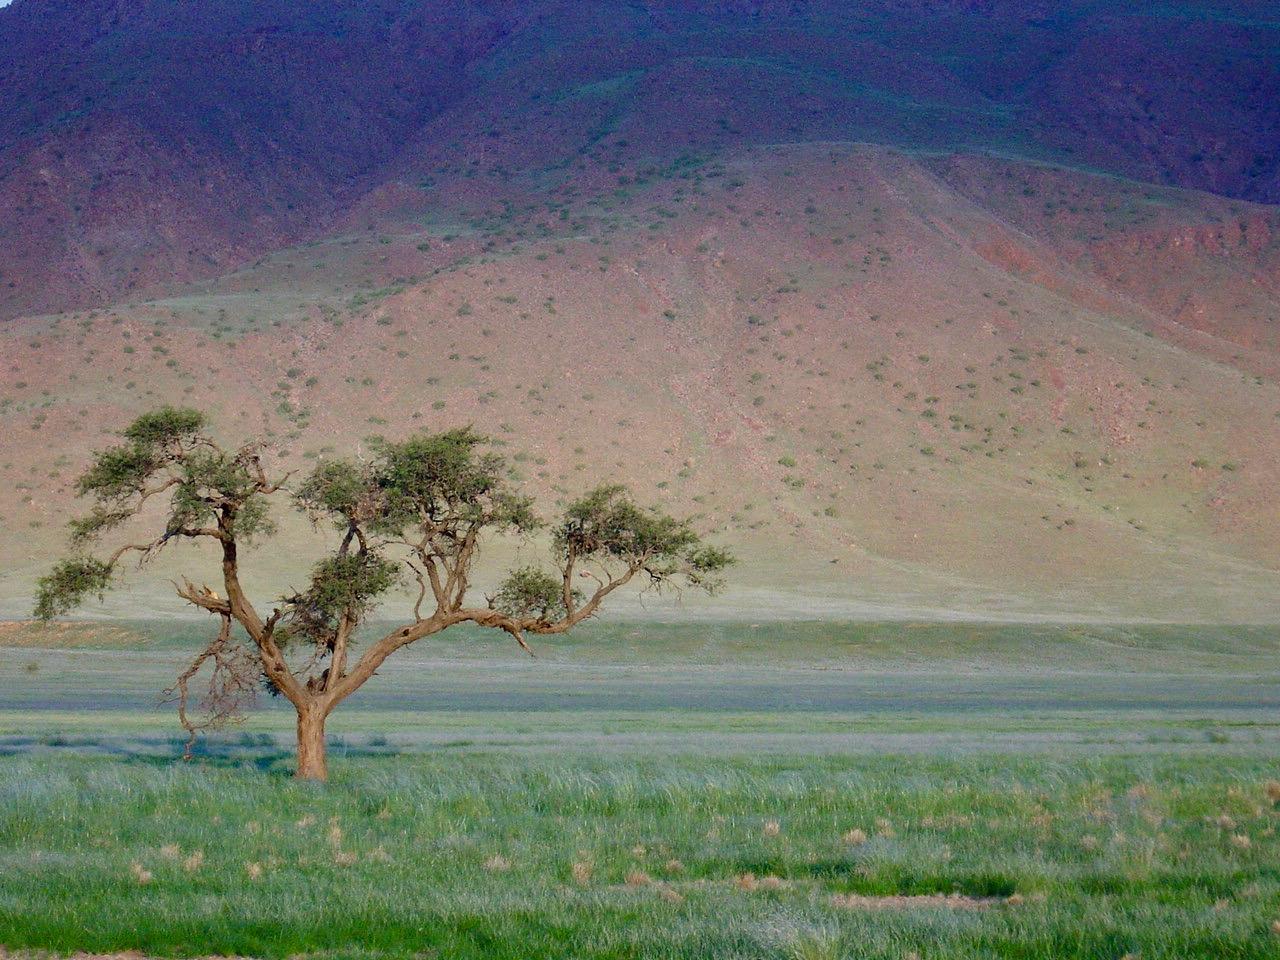 Omumbonde - ein Kameldornbaum